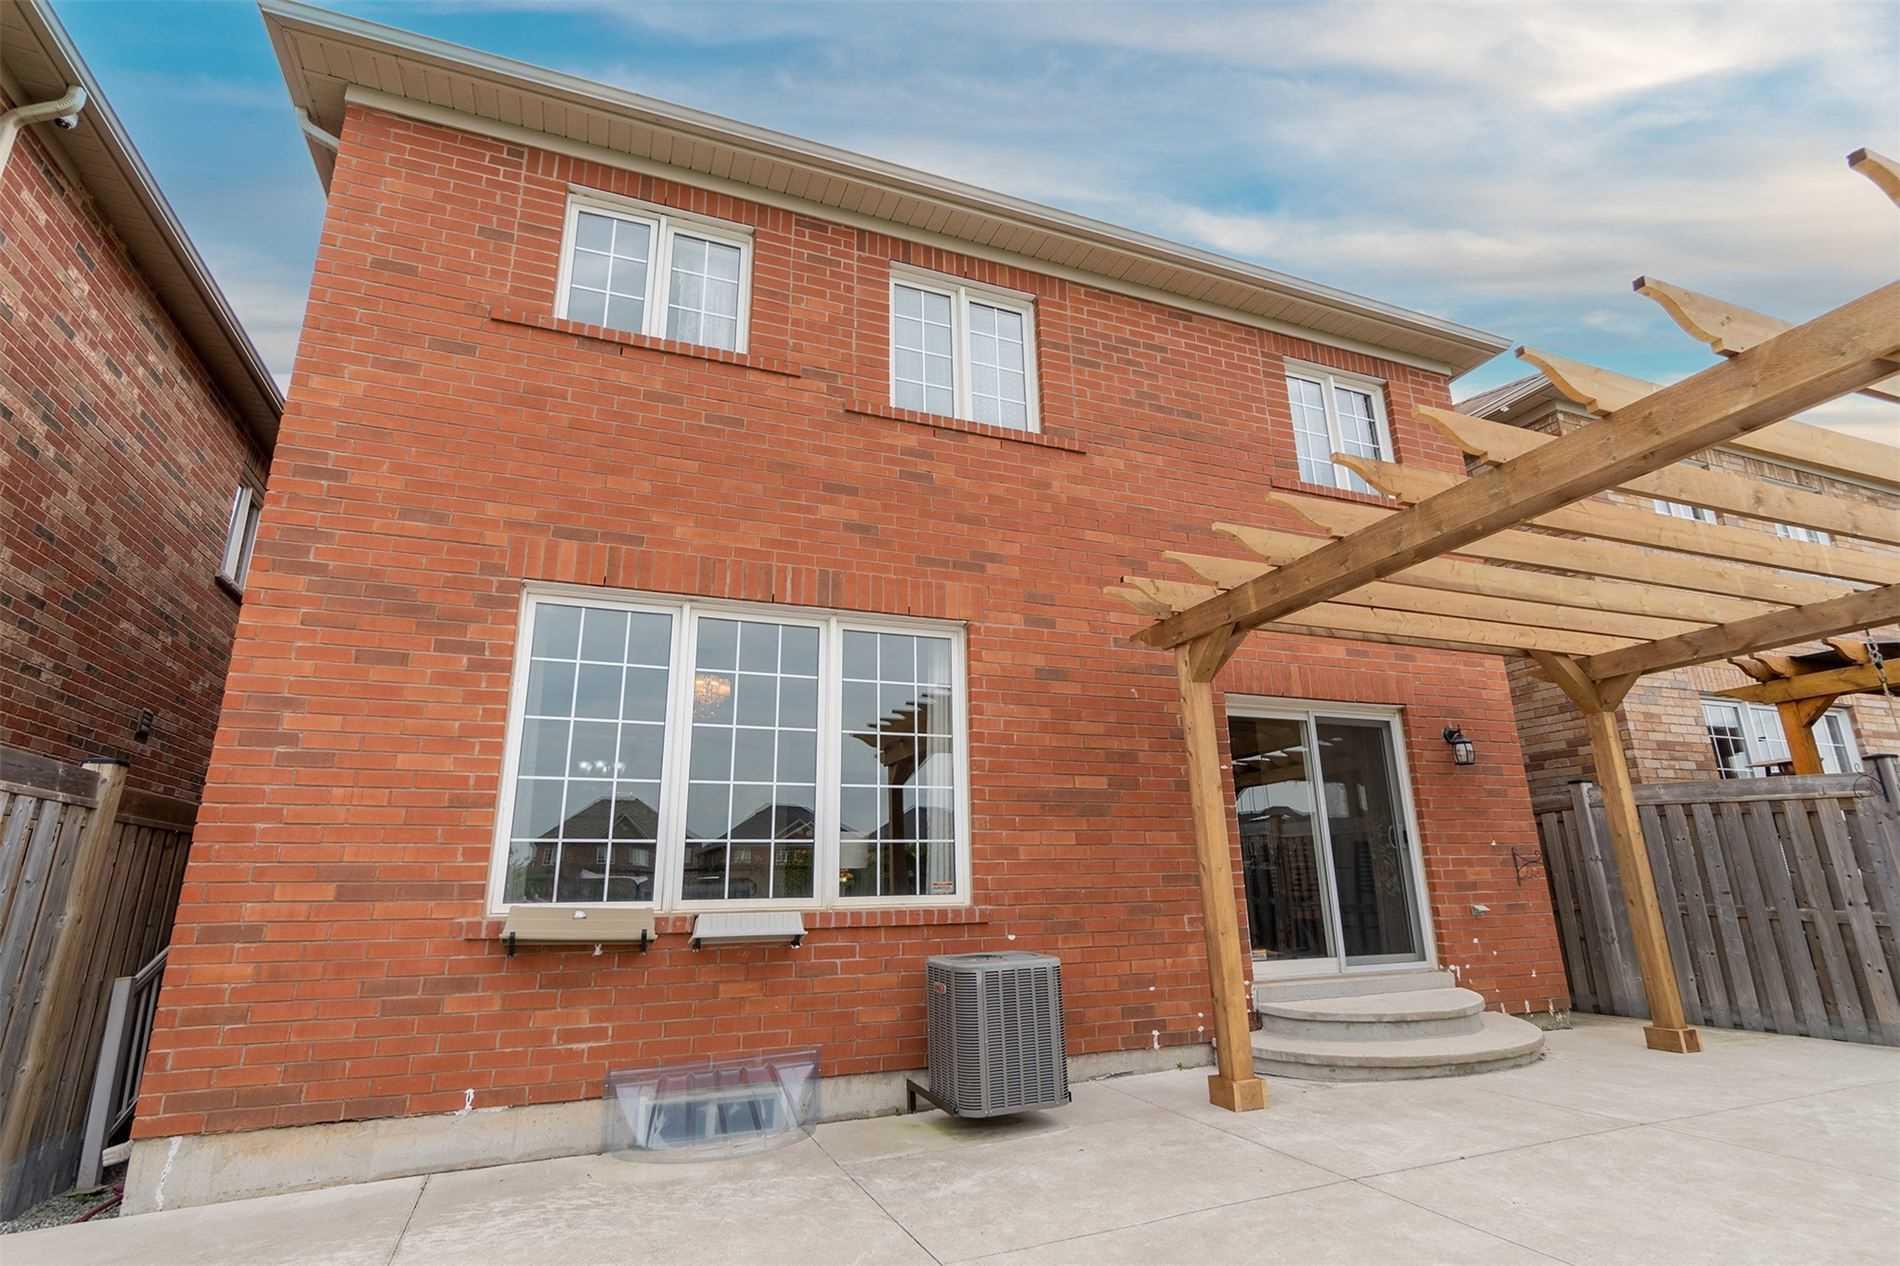 865 Stoutt Cres - Coates Detached for sale, 4 Bedrooms (W5399927) - #33